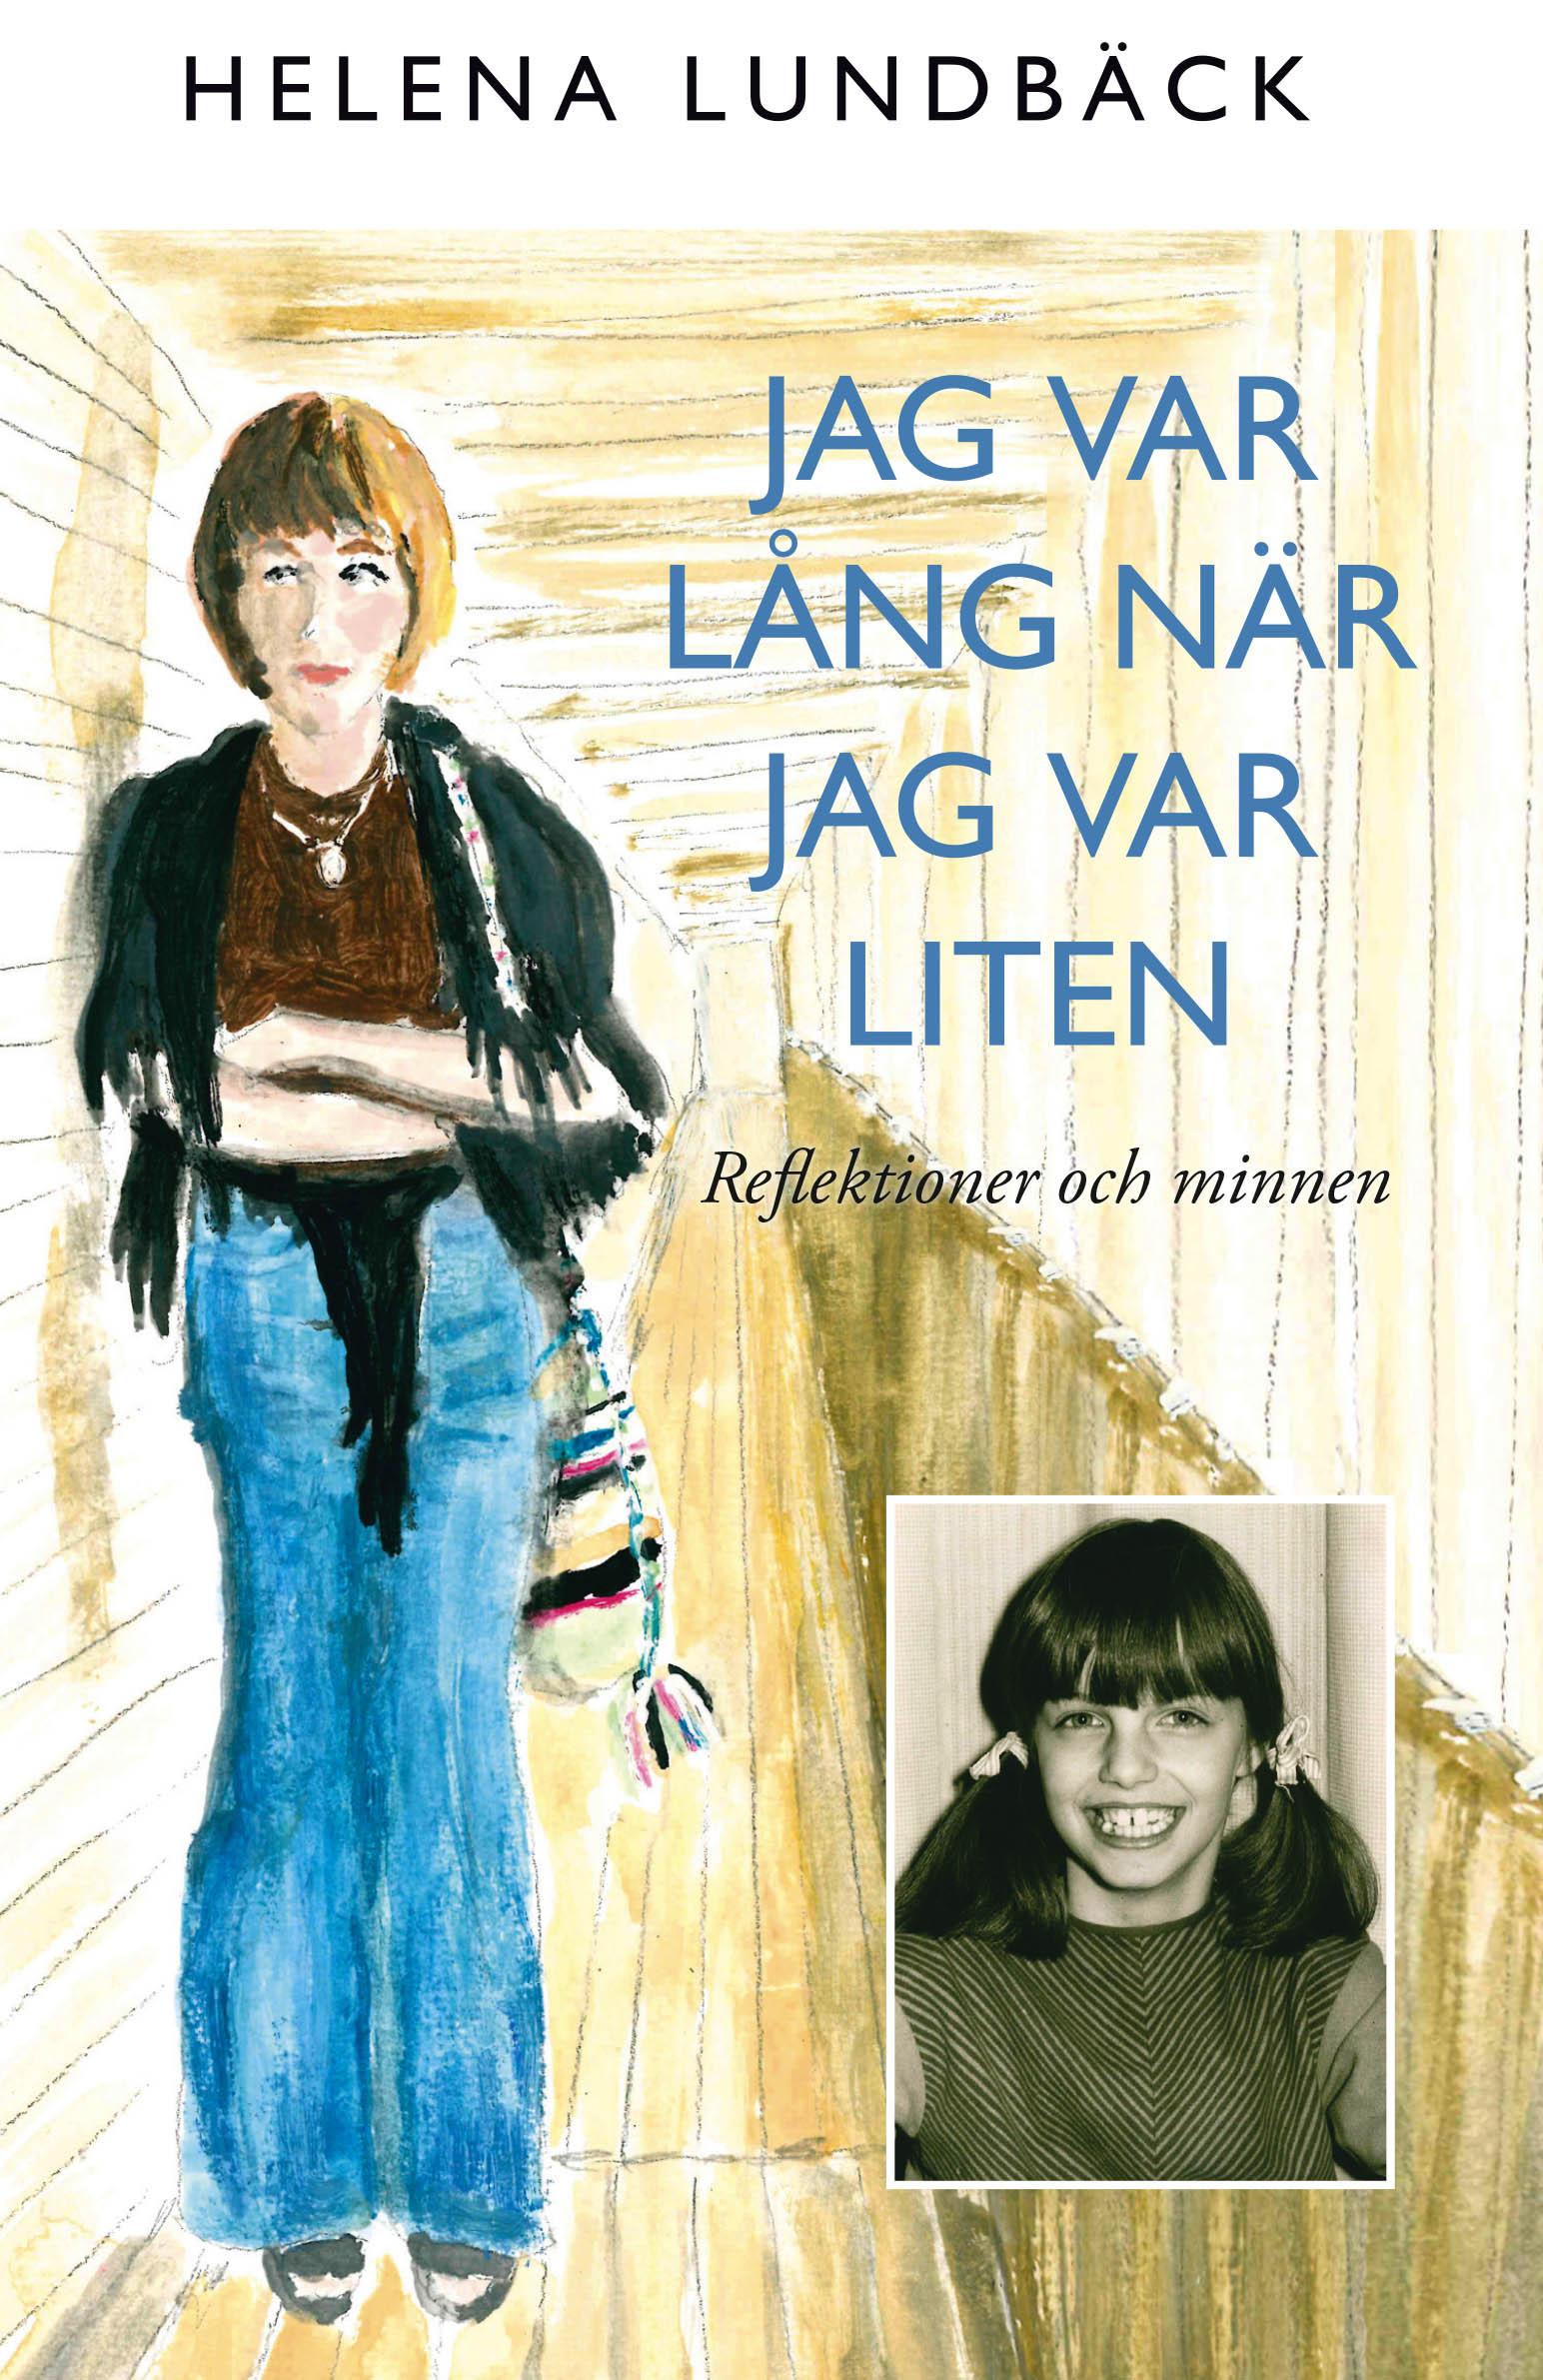 I SVT och Arbetarbladet berättar Helena Lundbäck om författarskapet och cancern